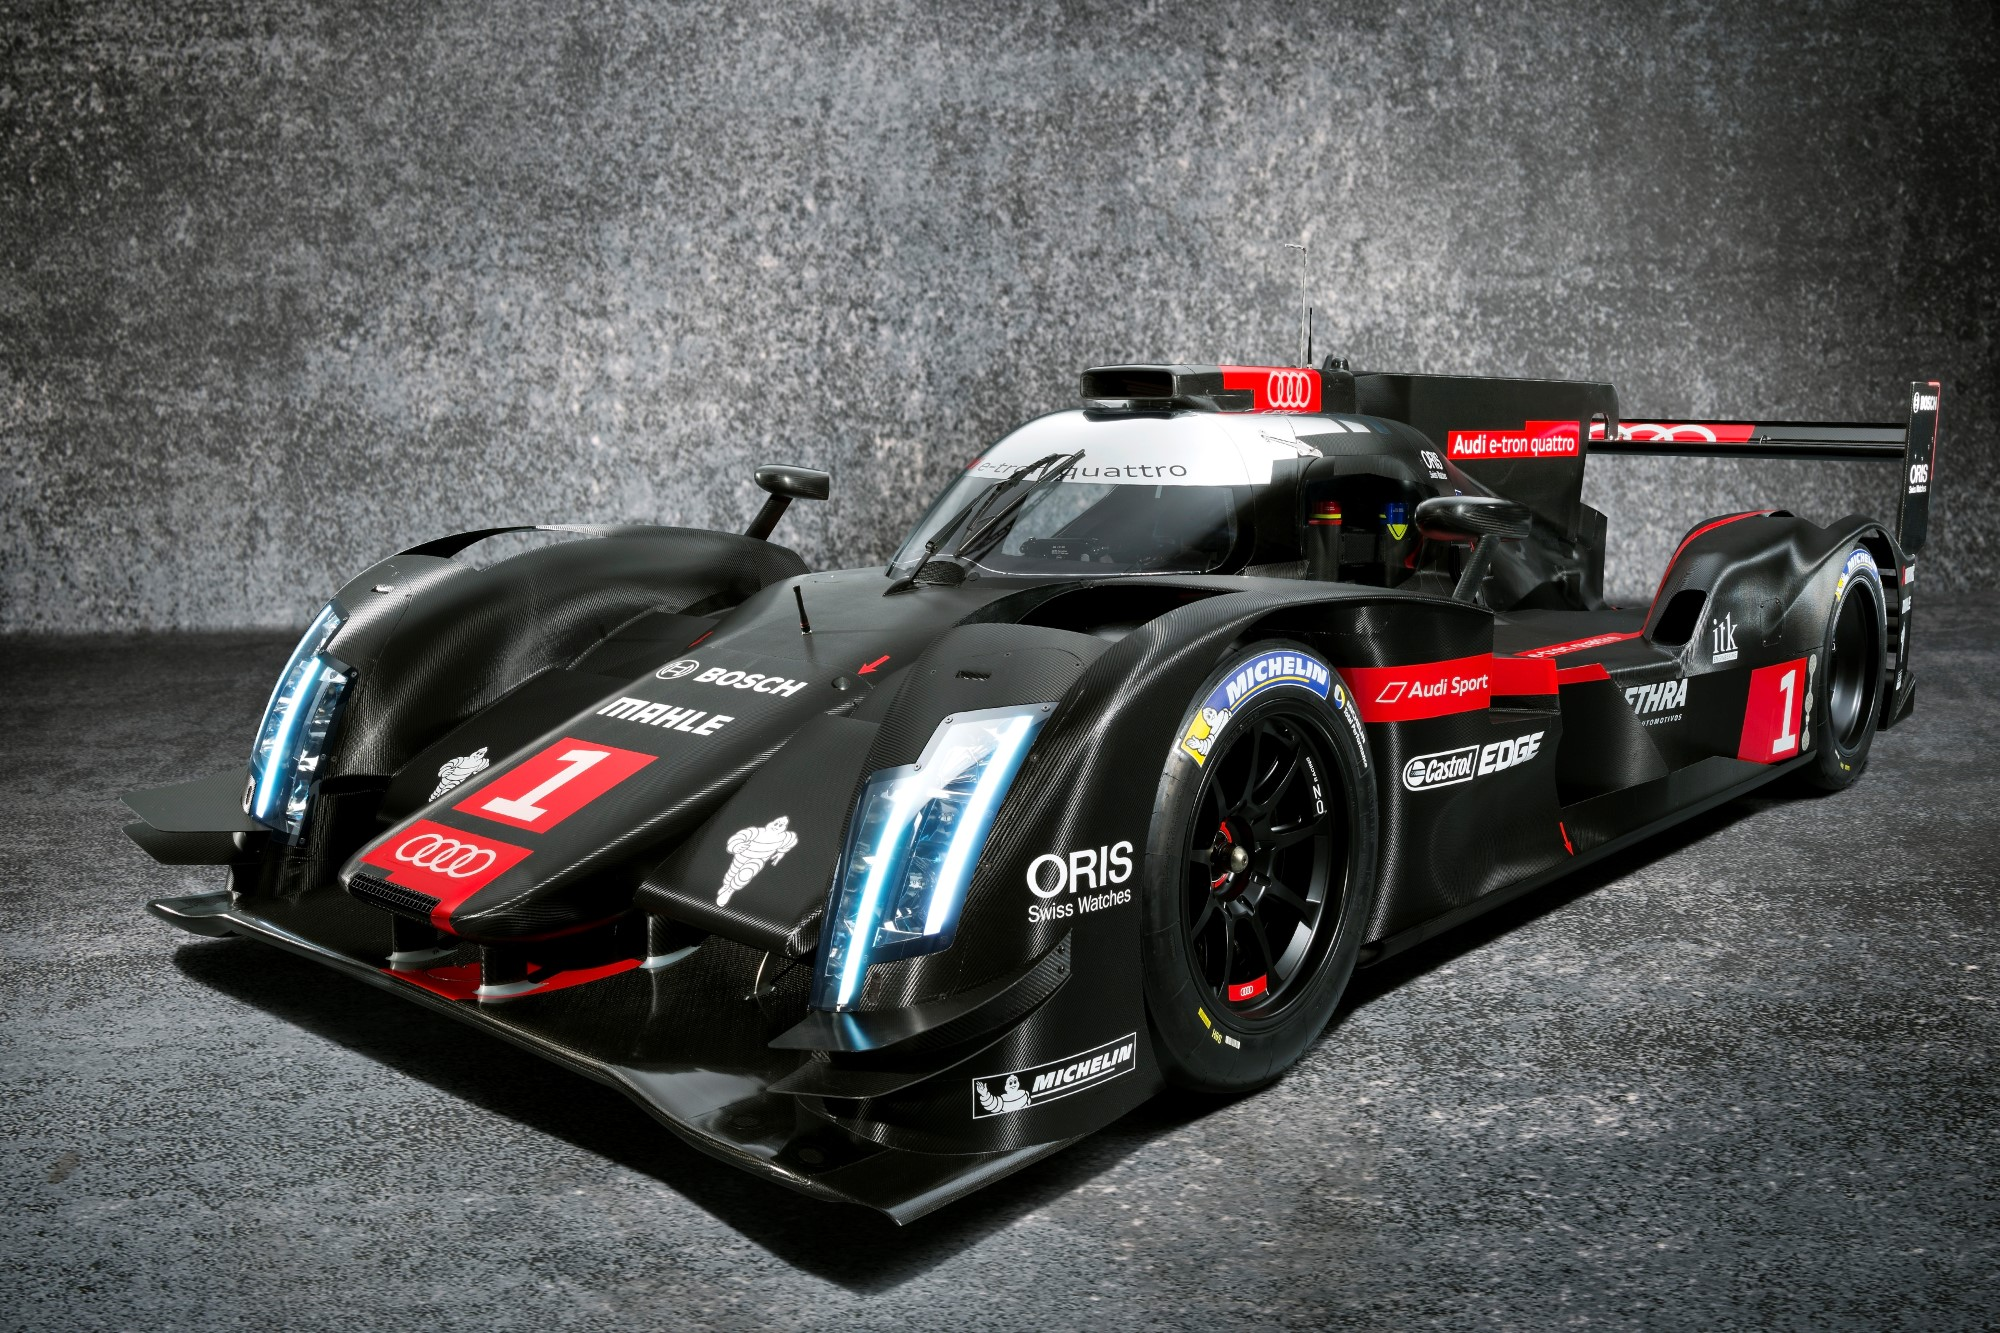 Audi Black Sport Racing Cars HD Wallpaper Audi Black Sport Racing Cars 2000x1333